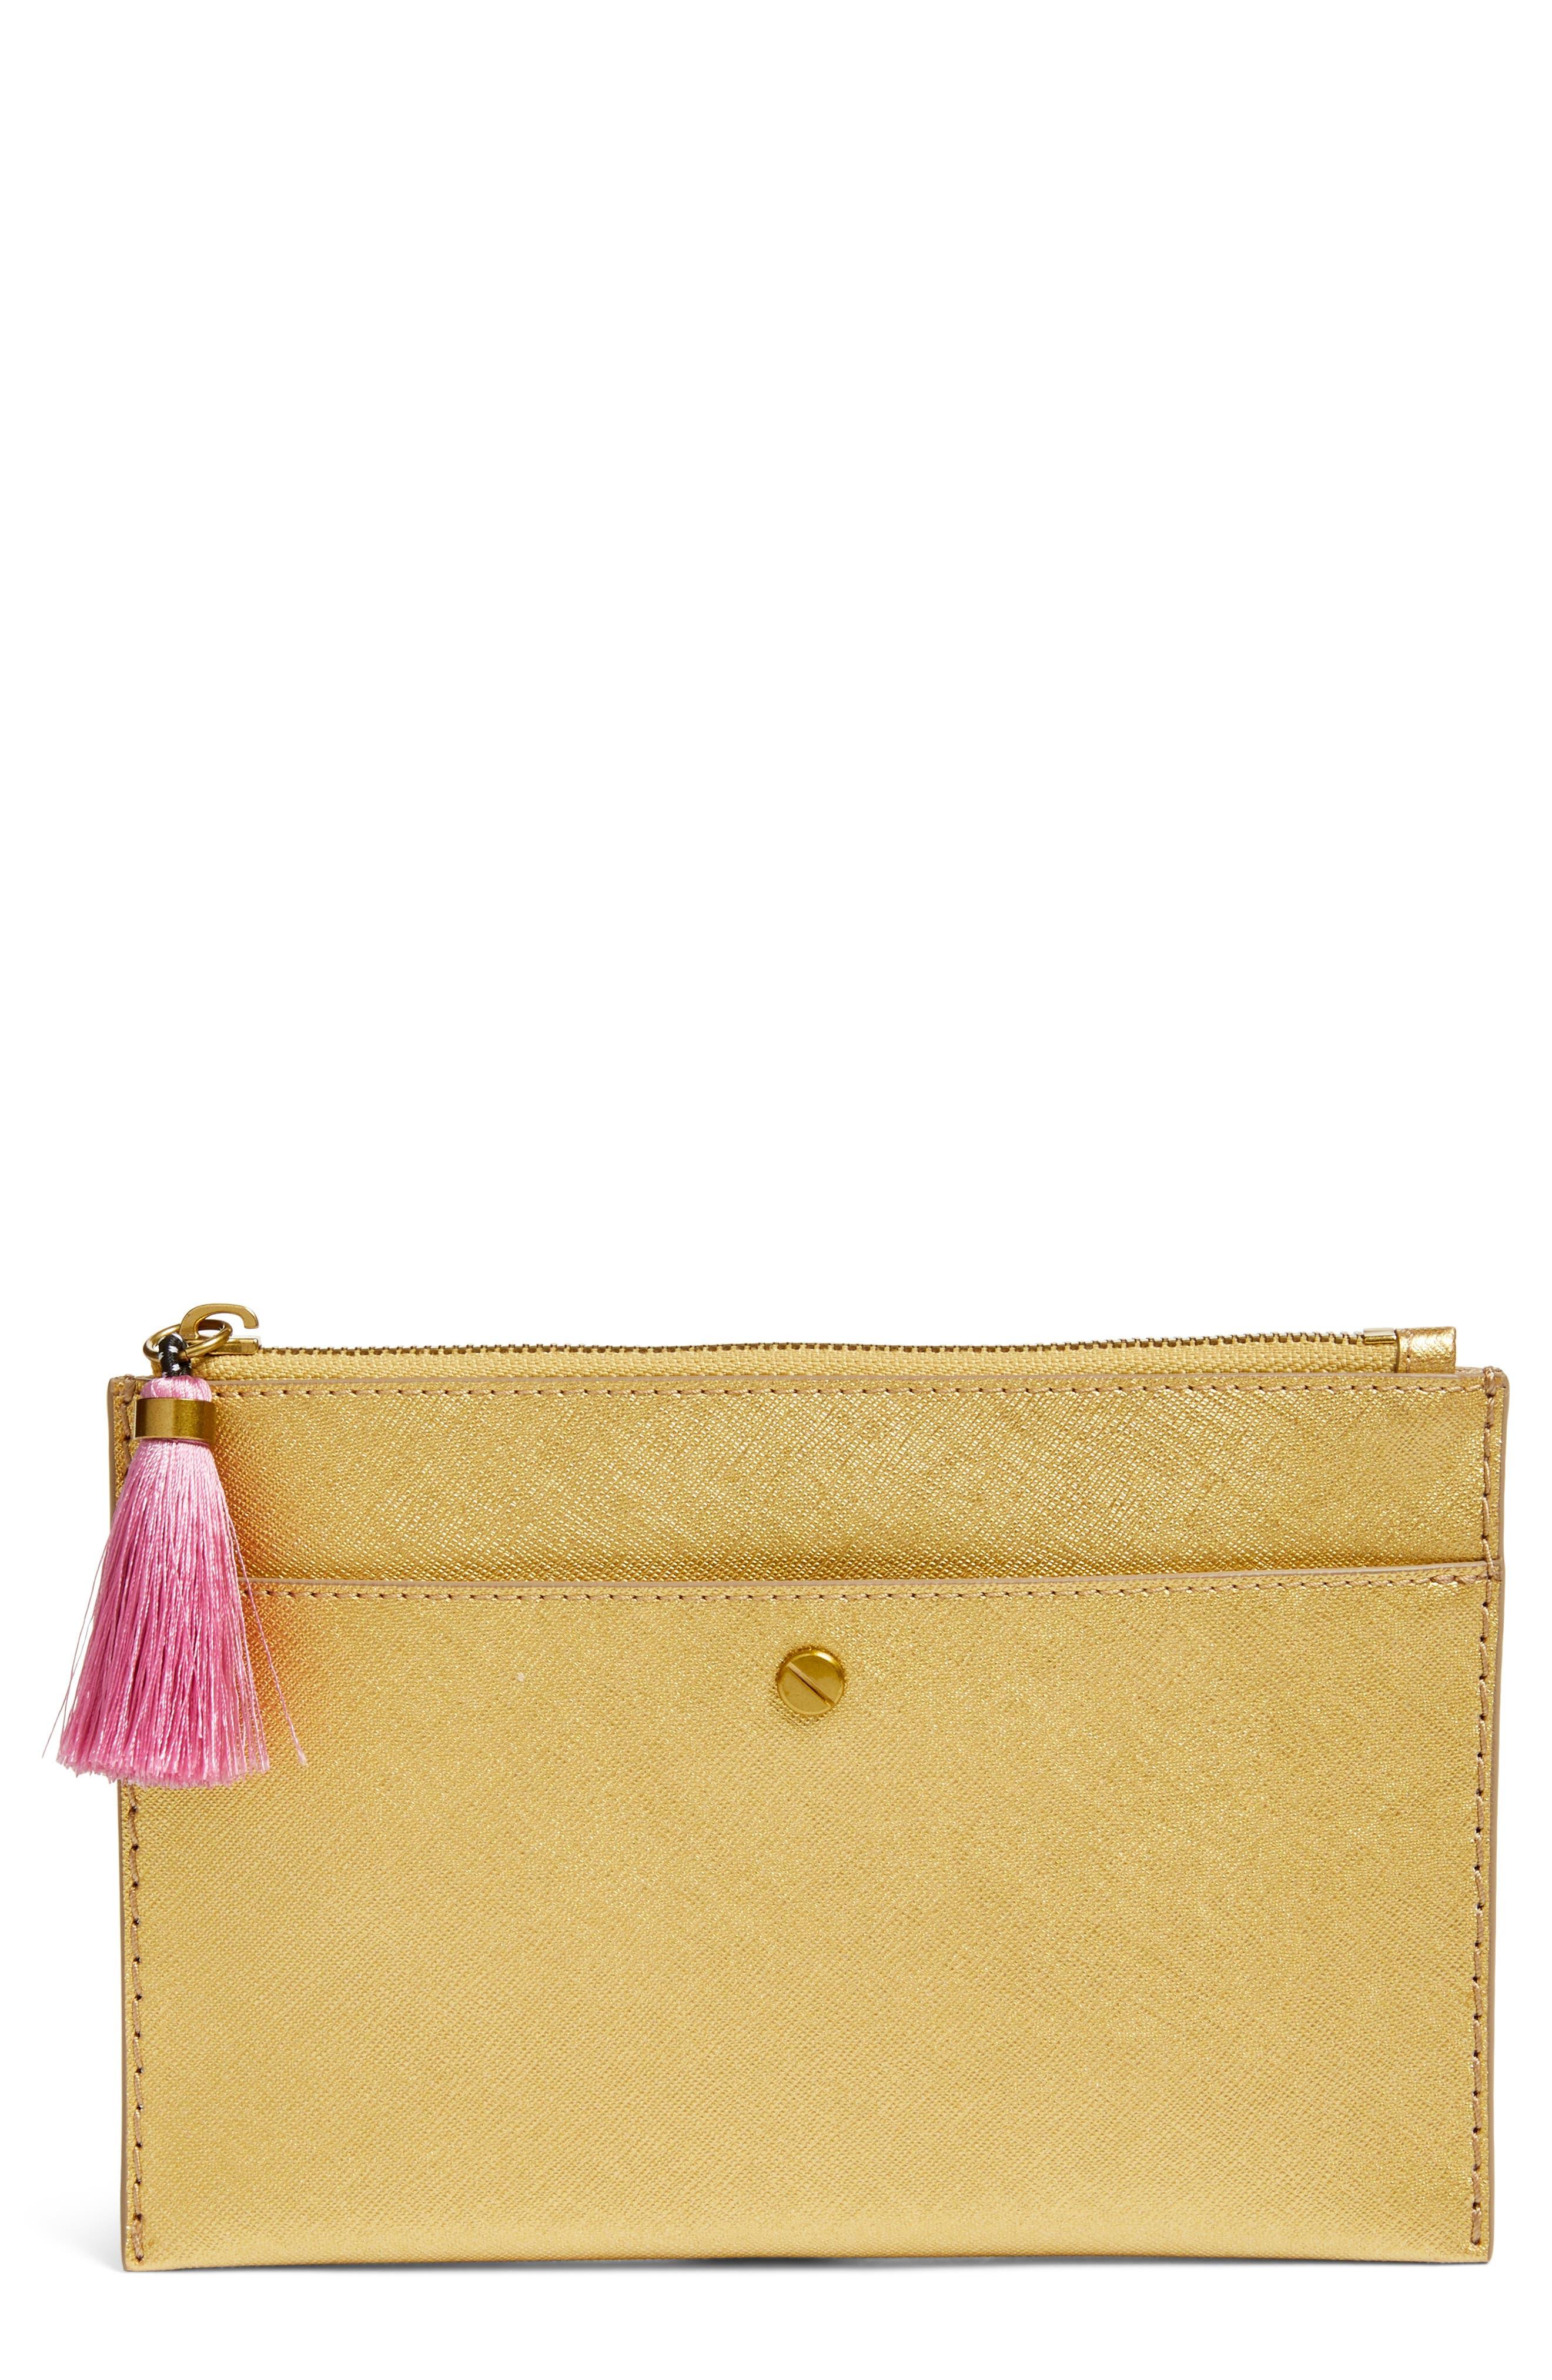 Medium Saffiano Leather Pouch,                         Main,                         color, Dark Gold